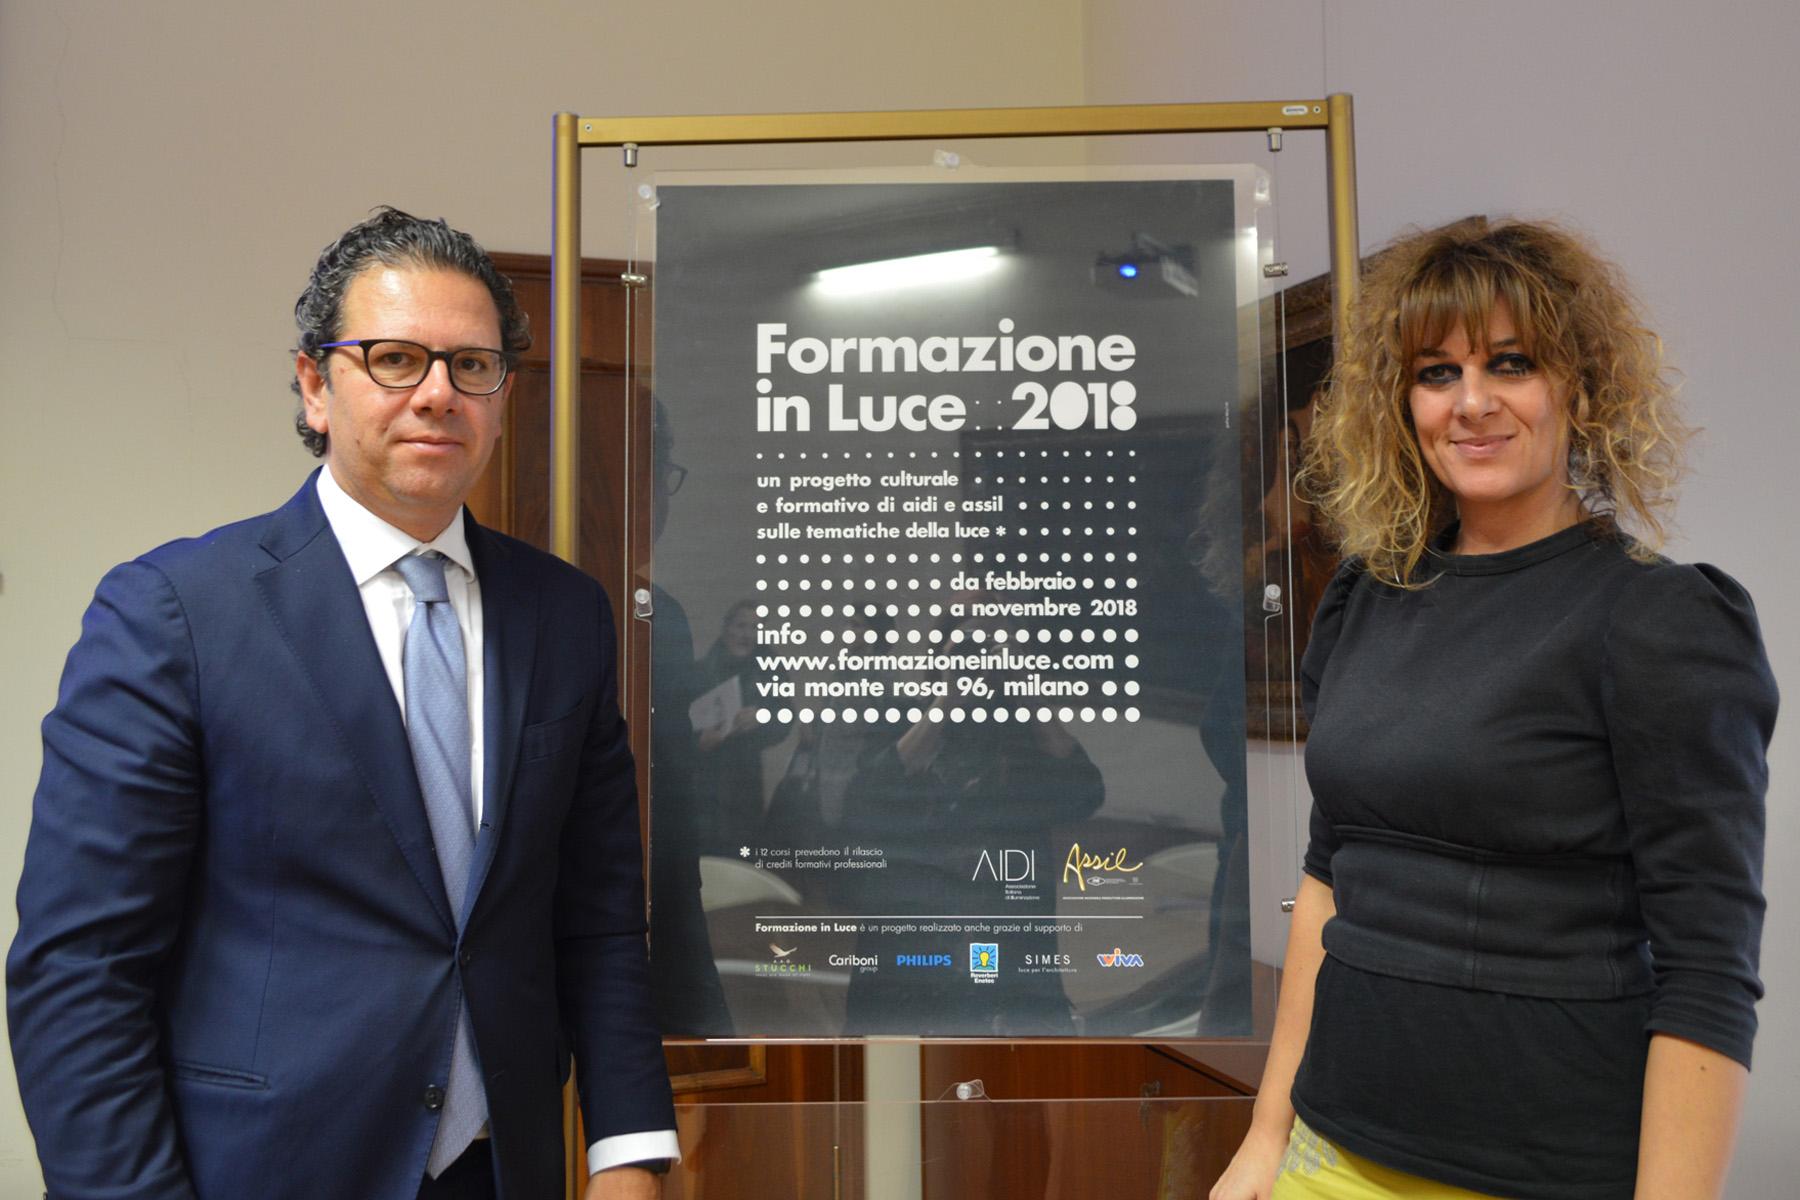 New Formazione in Luce courses